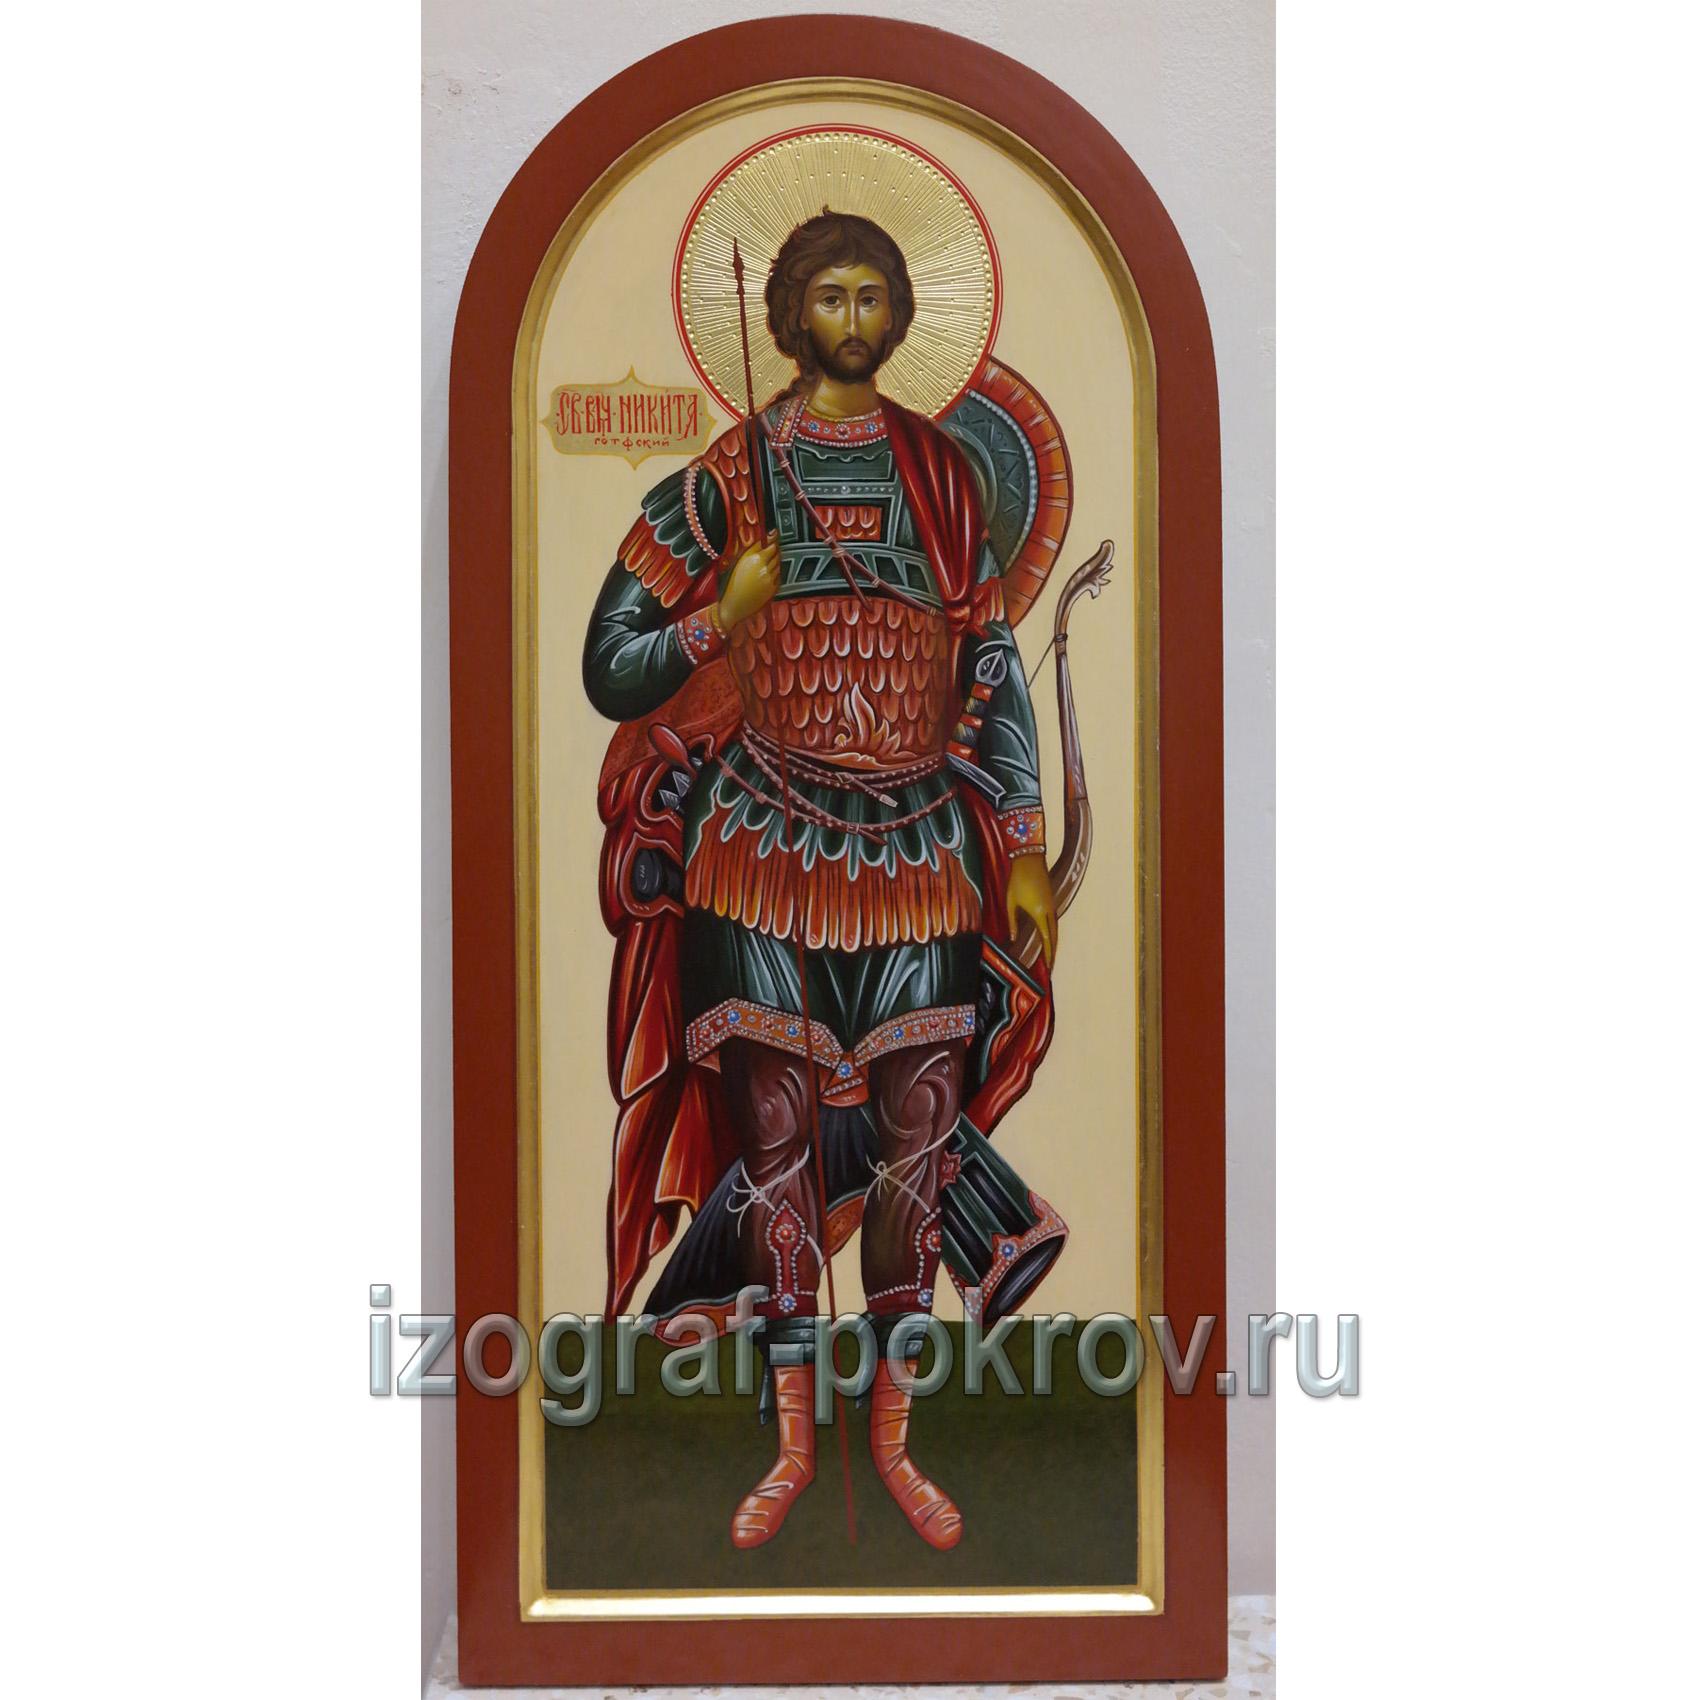 Мерная икона Никита Гофтский